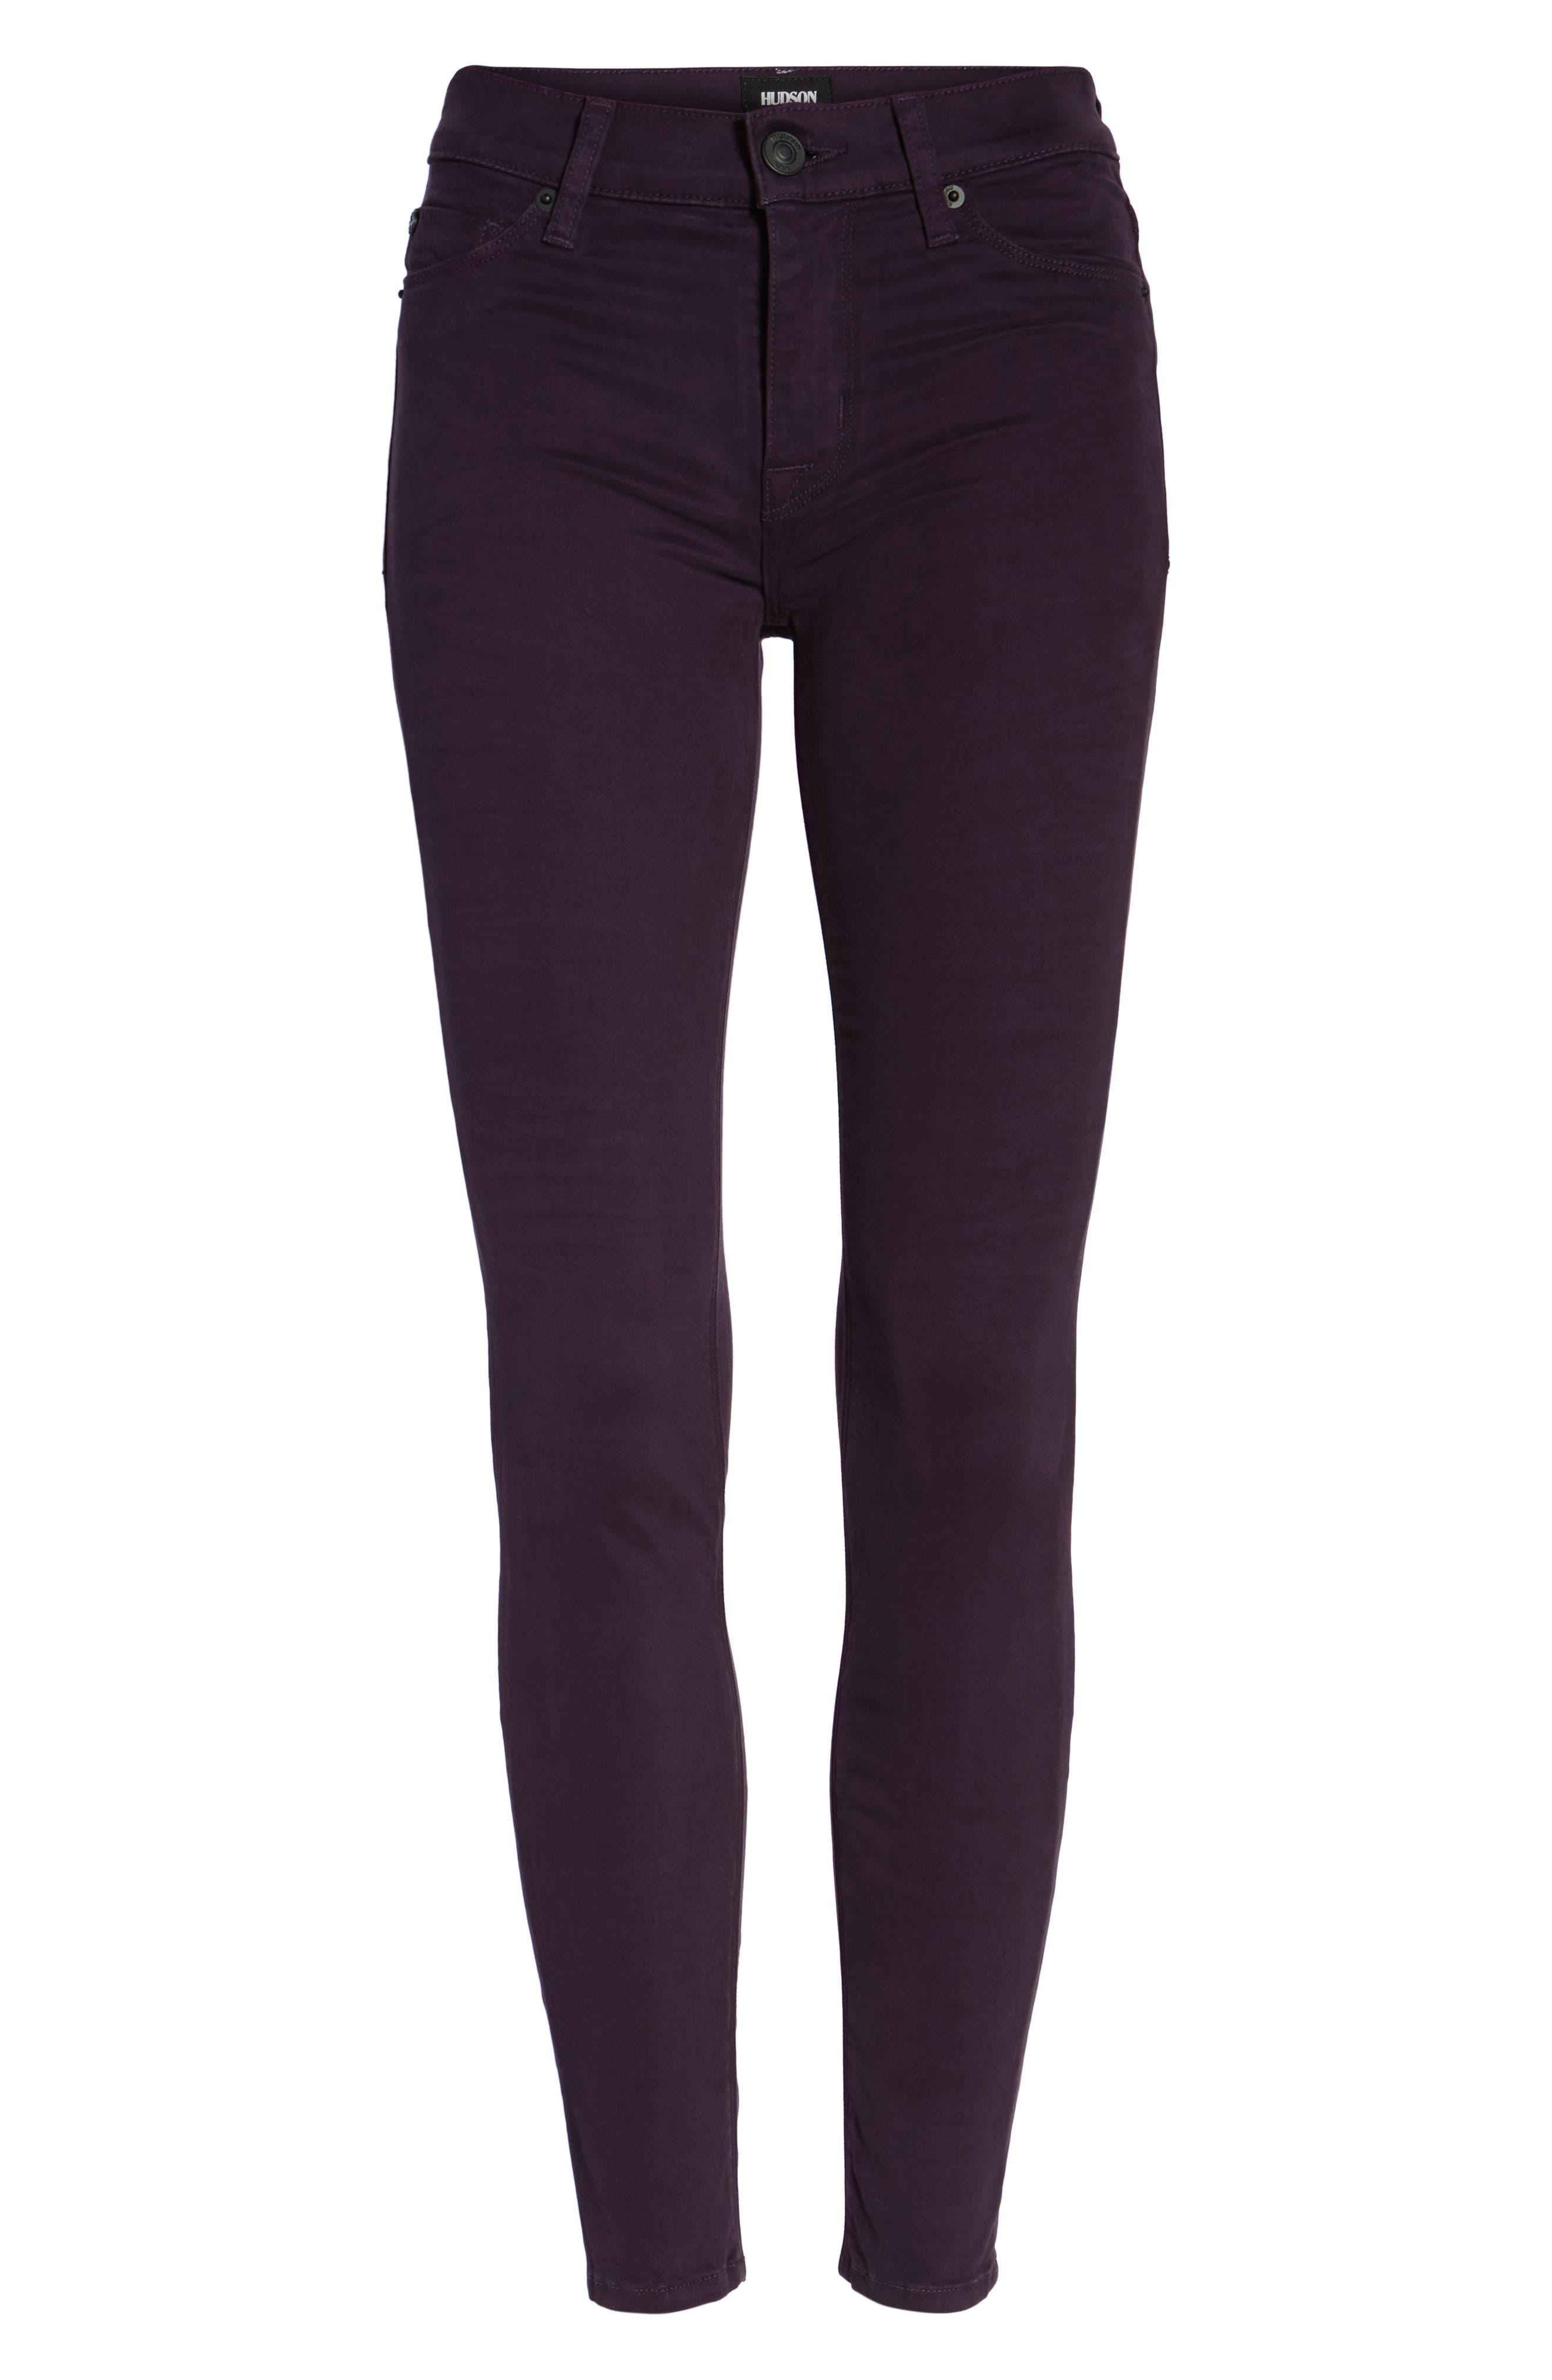 Nico Ankle Skinny Pants,                             Alternate thumbnail 6, color,                             Velvet Plum